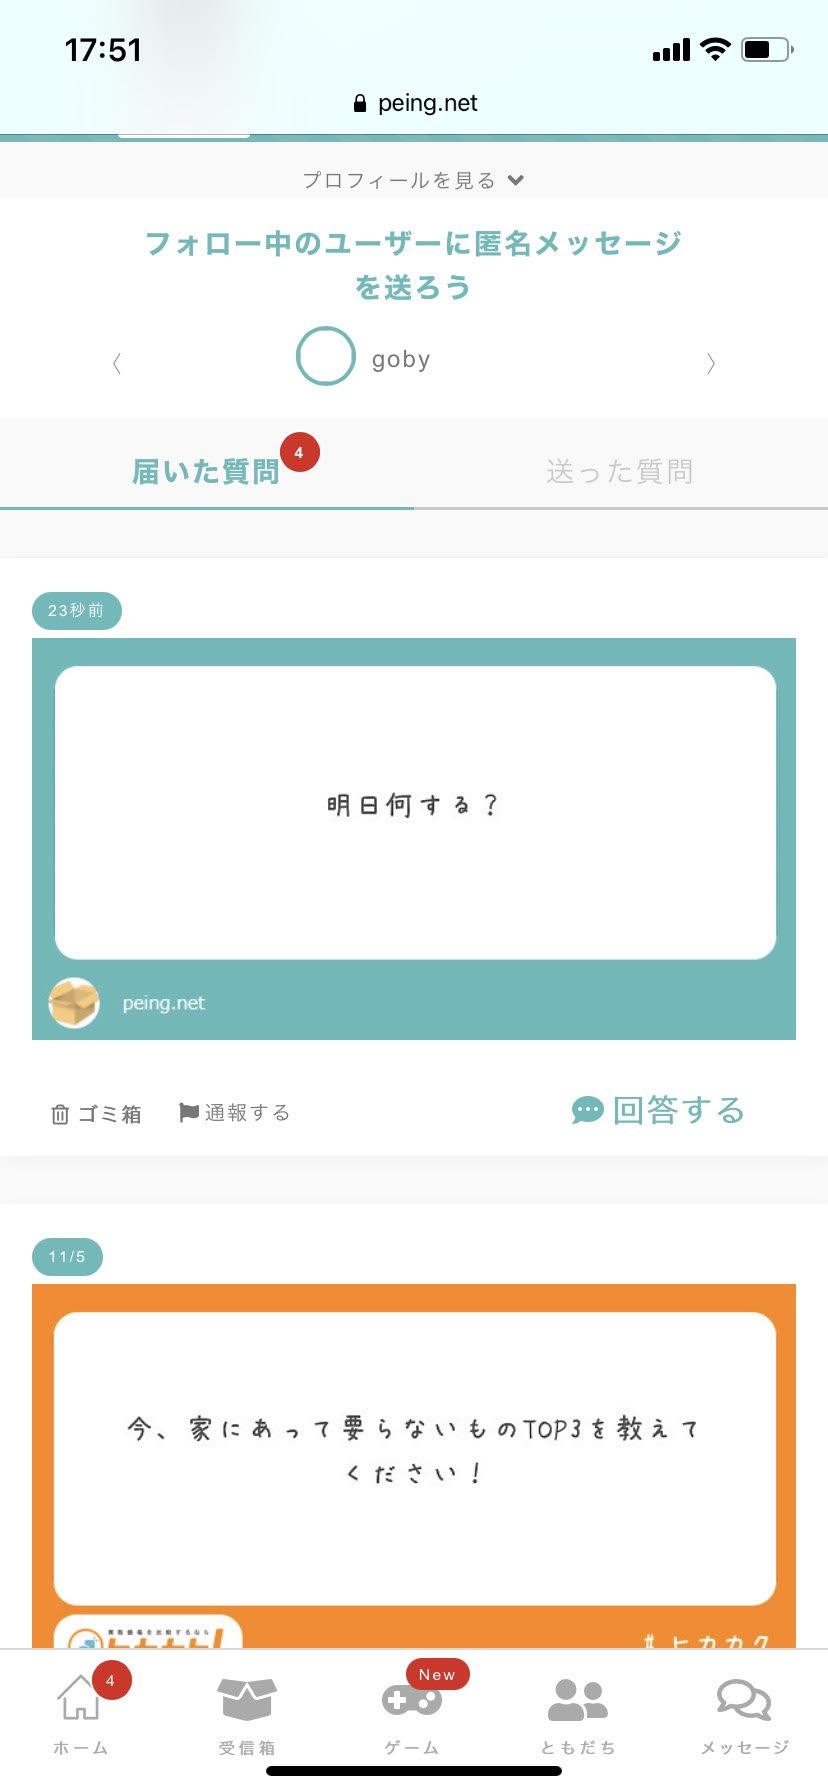 匿名 バレる インスタ 【Instagram】電話番号を登録すると誰かにバレる?番号を削除しよう!